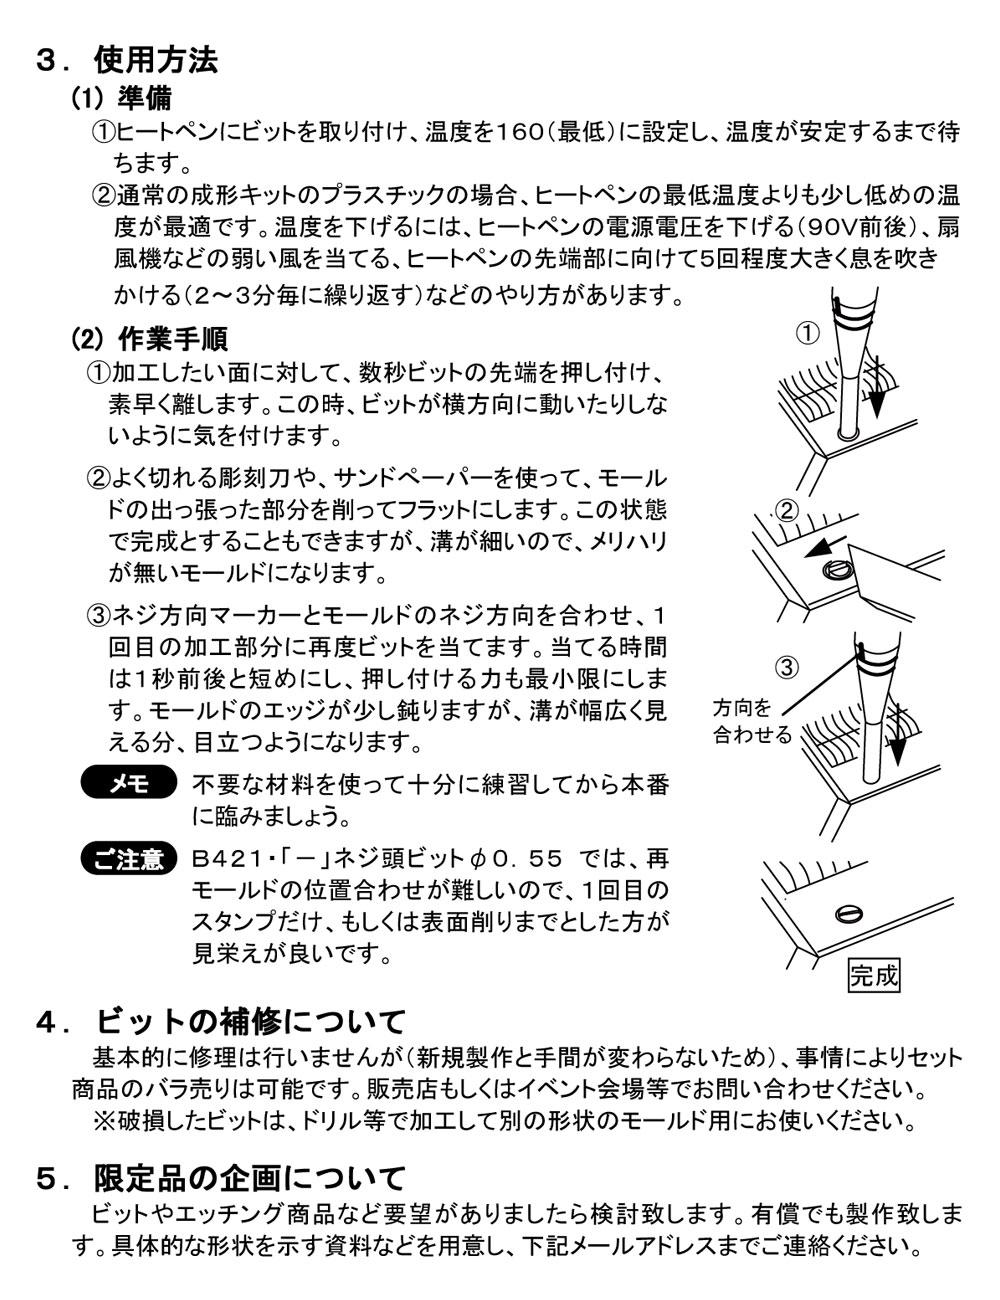 - ネジ頭ビット 直径 1.8ビット(ブレインファクトリーヒートペン用 オプションビットNo.B426)商品画像_4